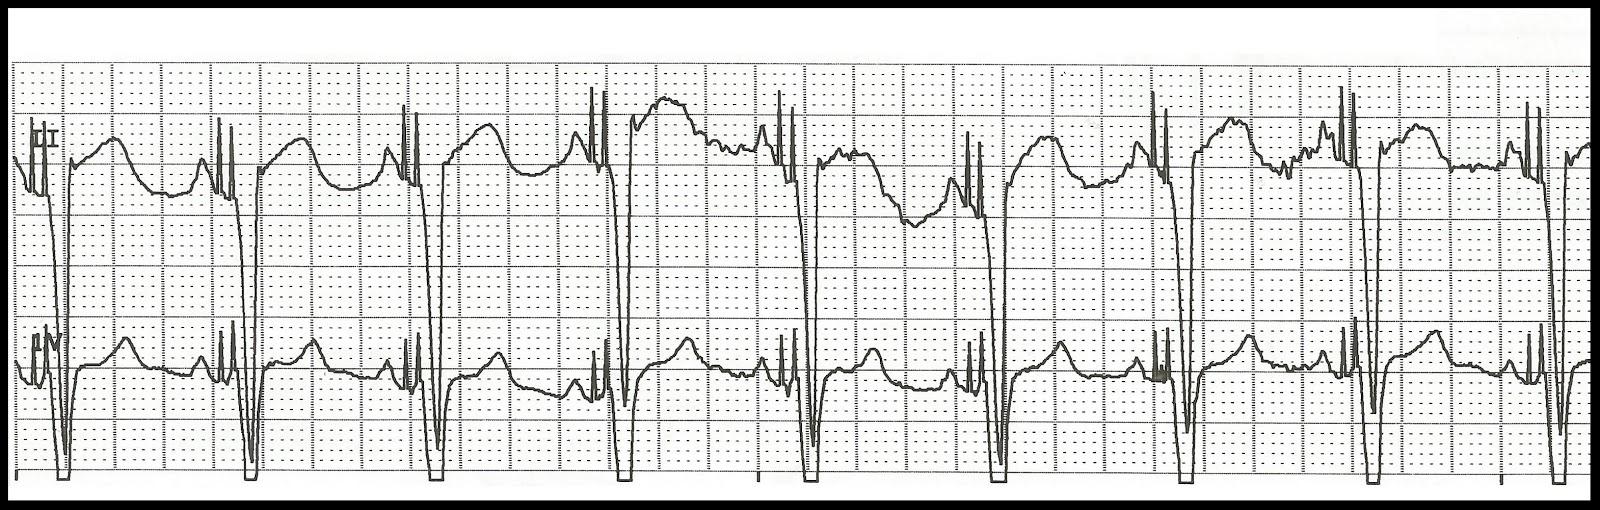 Float Nurse: EKG Rhythm Strip Quiz 144